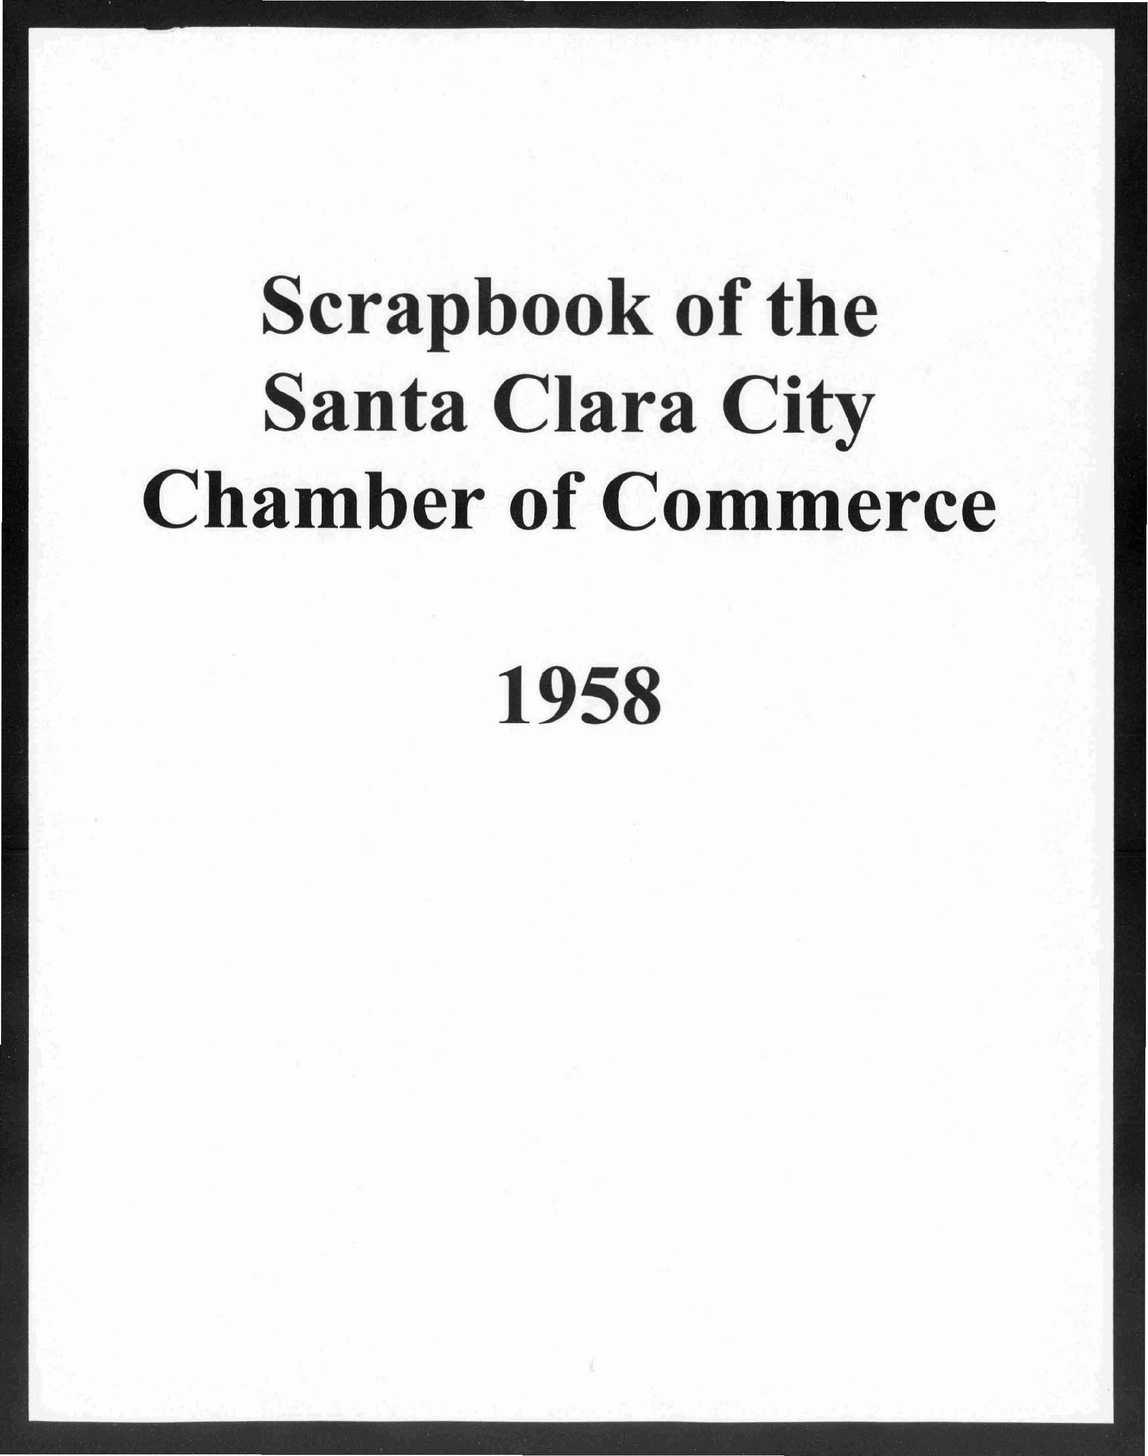 Calaméo - Scrapbook 1958